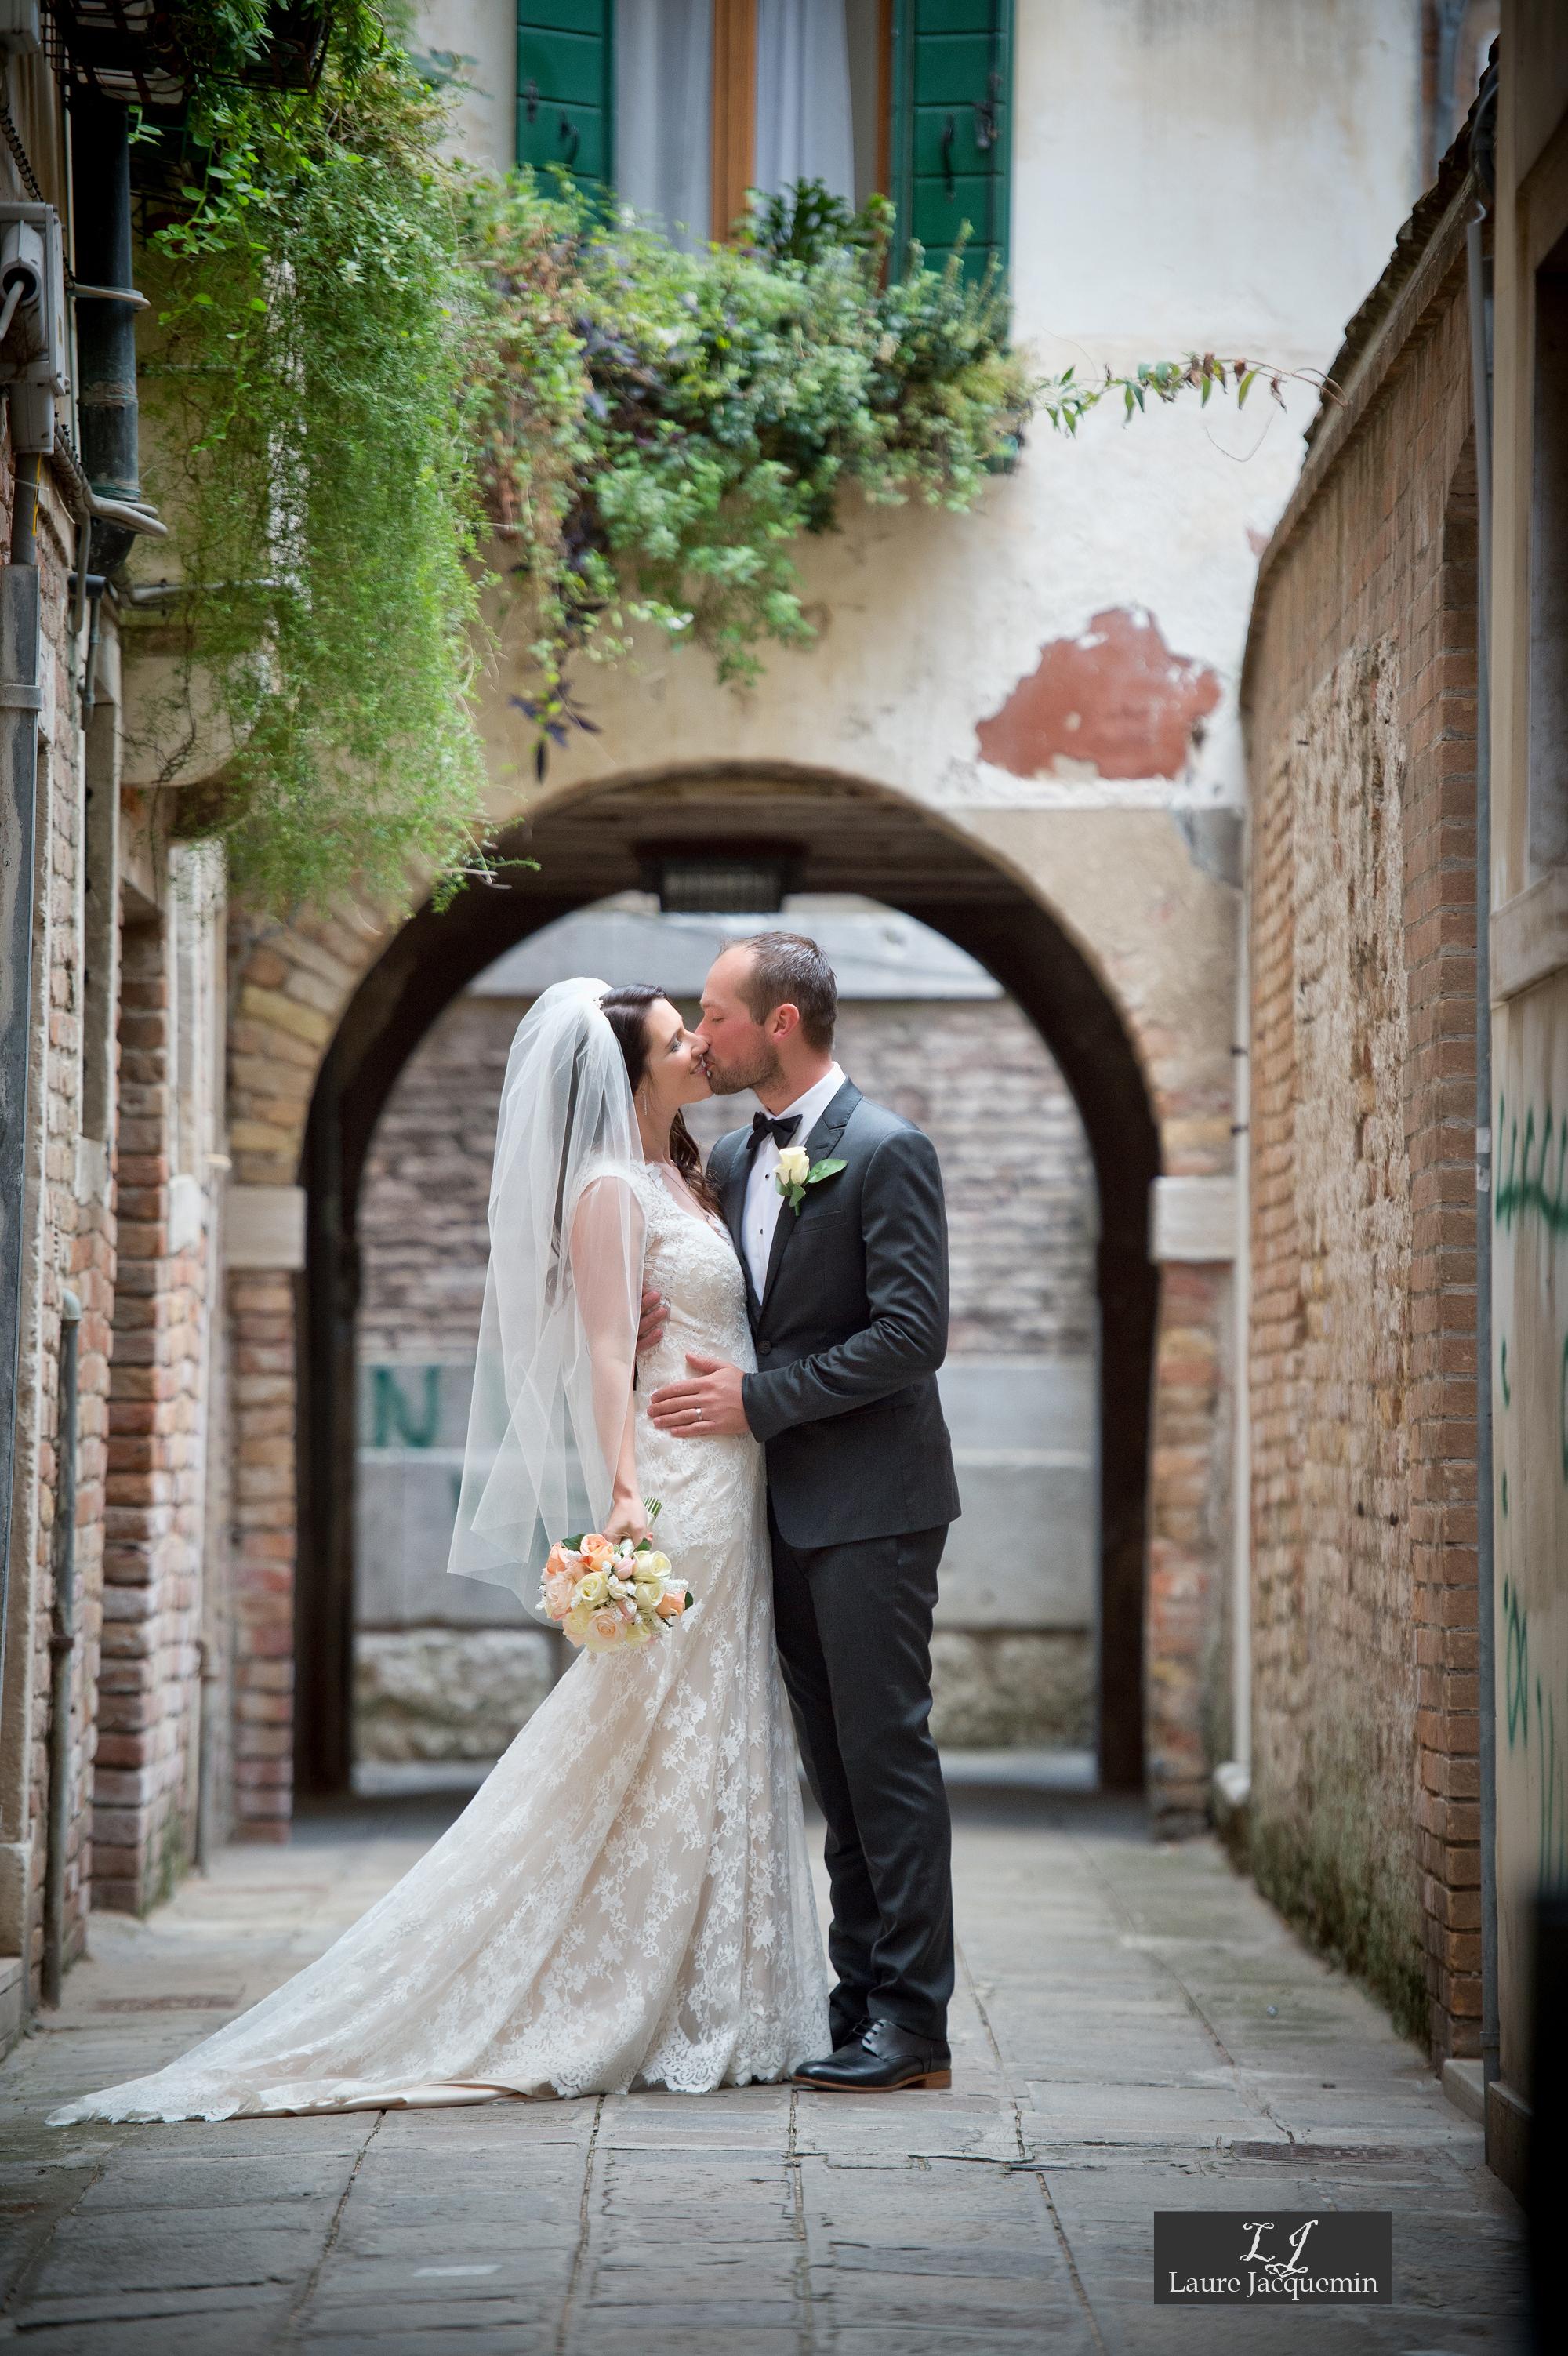 photographe mariage laure jacquemin palazzo cavalli service photographique (58)